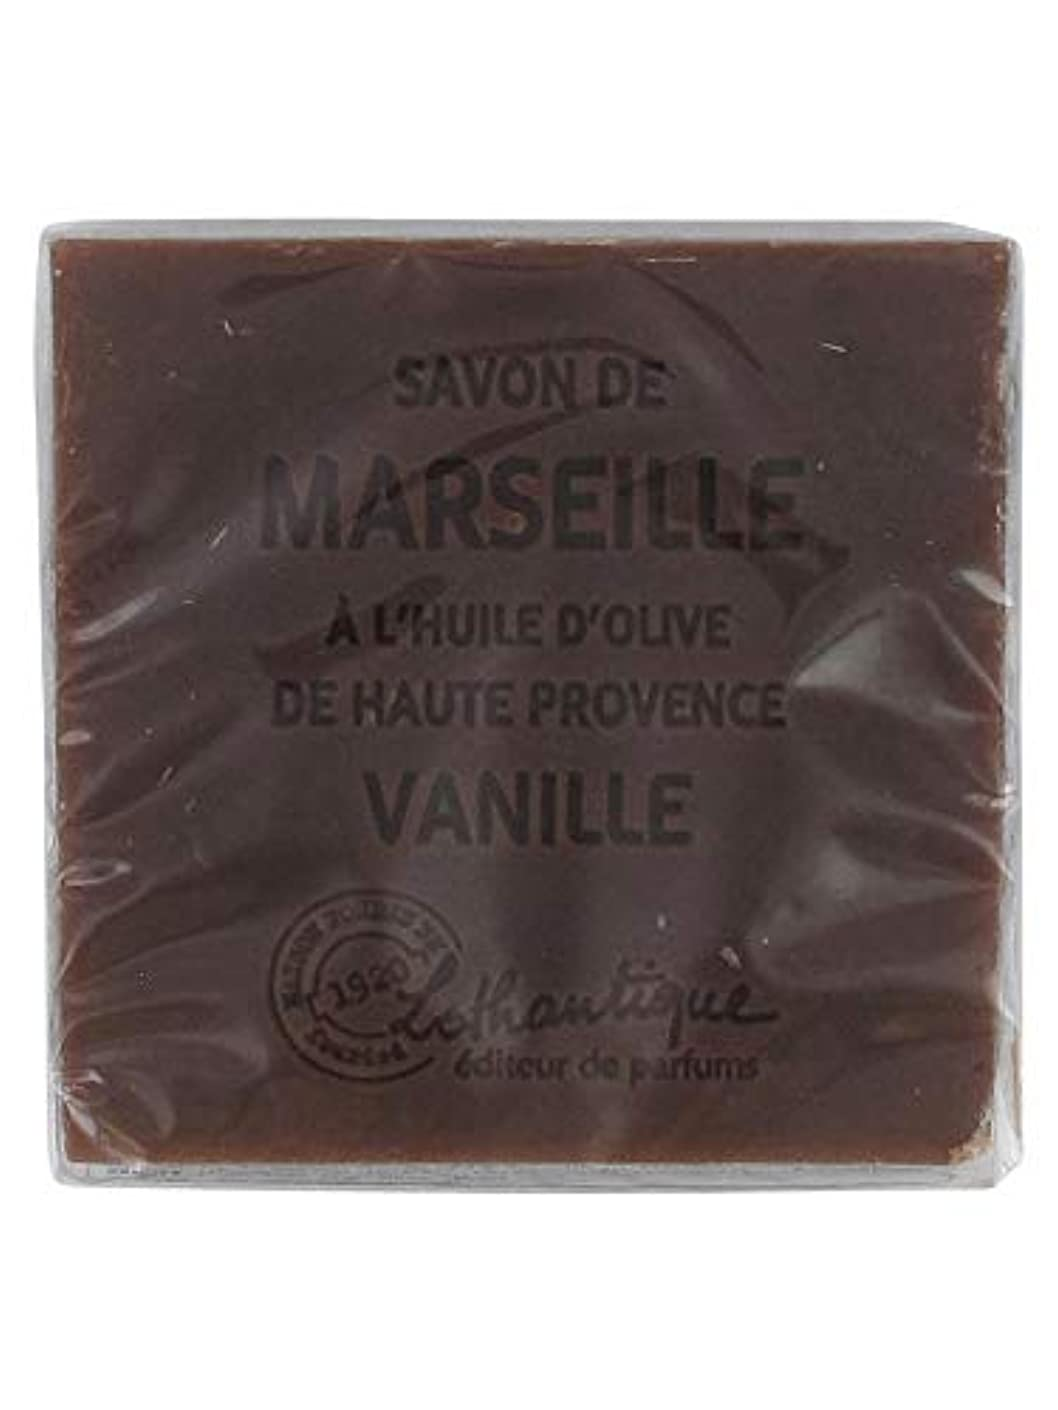 樫の木疾患クランプLothantique(ロタンティック) Les savons de Marseille(マルセイユソープ) マルセイユソープ 100g 「バニラ」 3420070038005